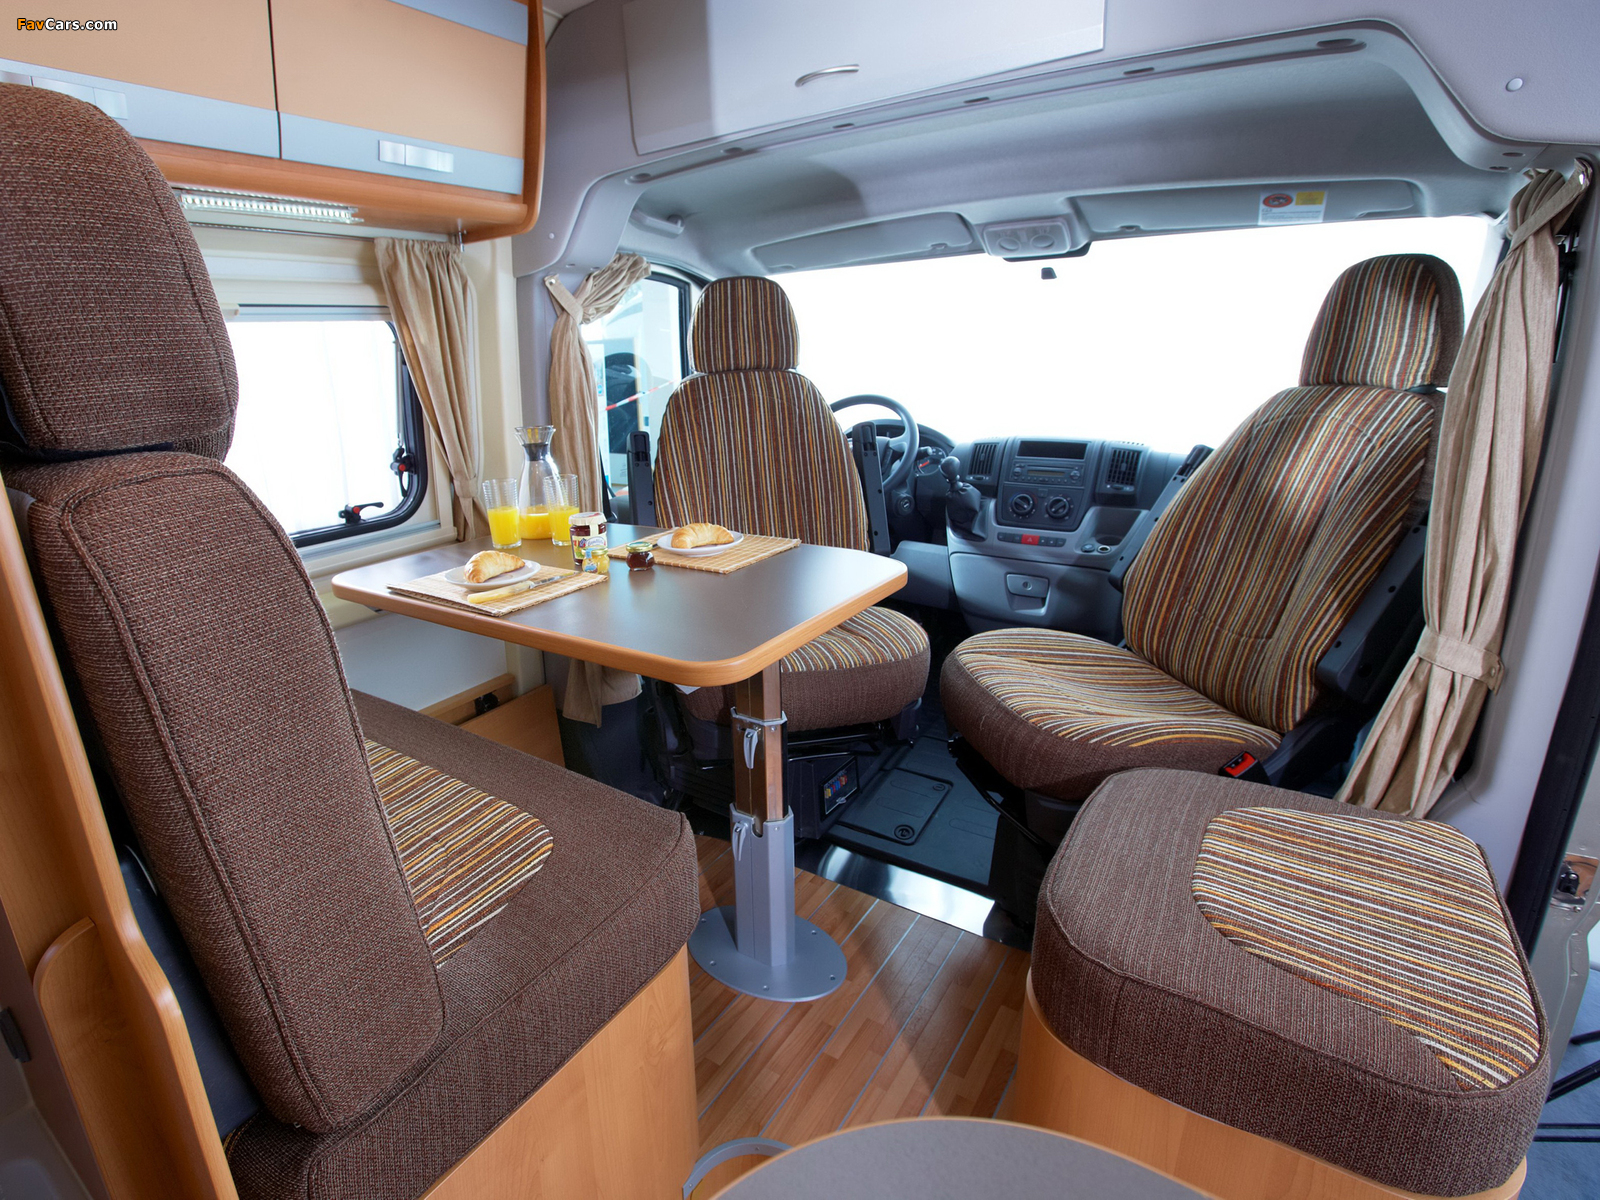 Eura Mobil Quixta 580 2006 photos (1600 x 1200)